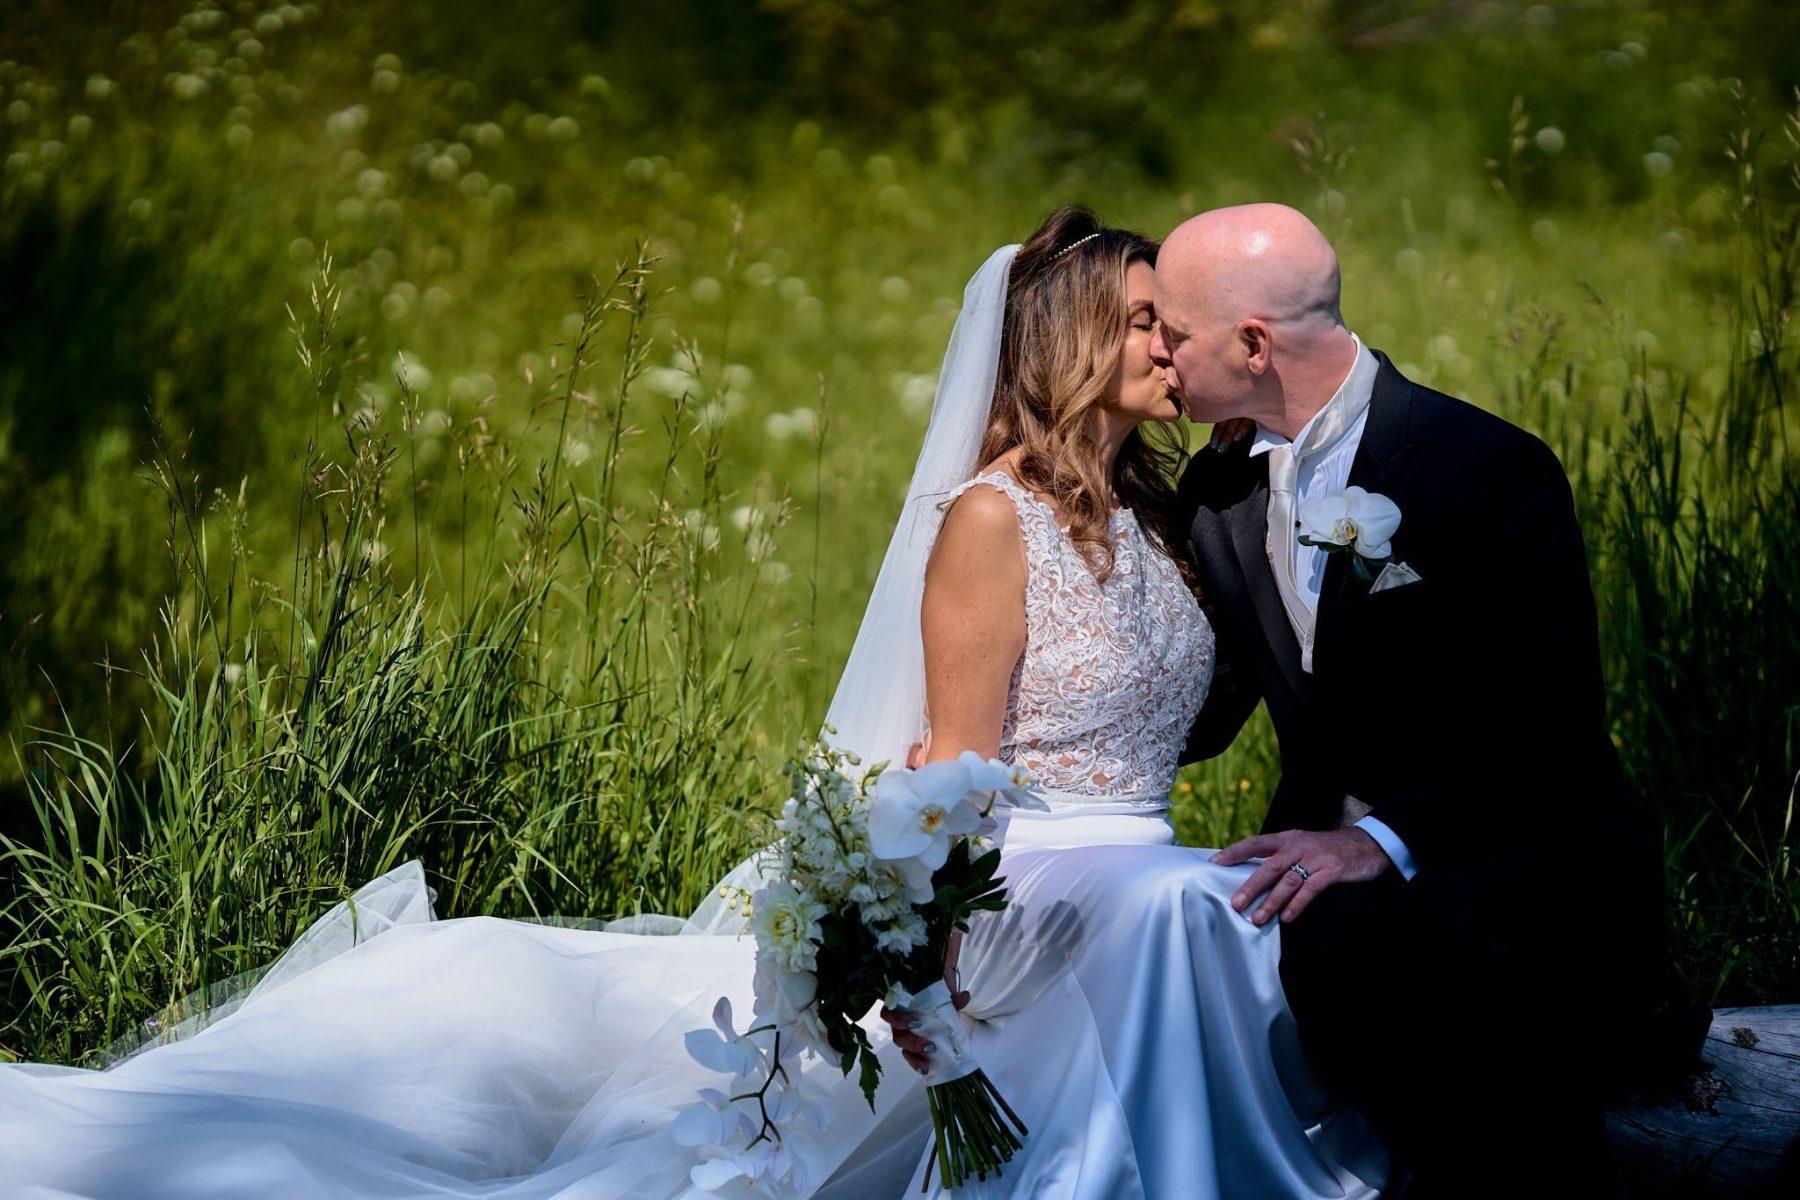 Wedding photography intimate cinematic